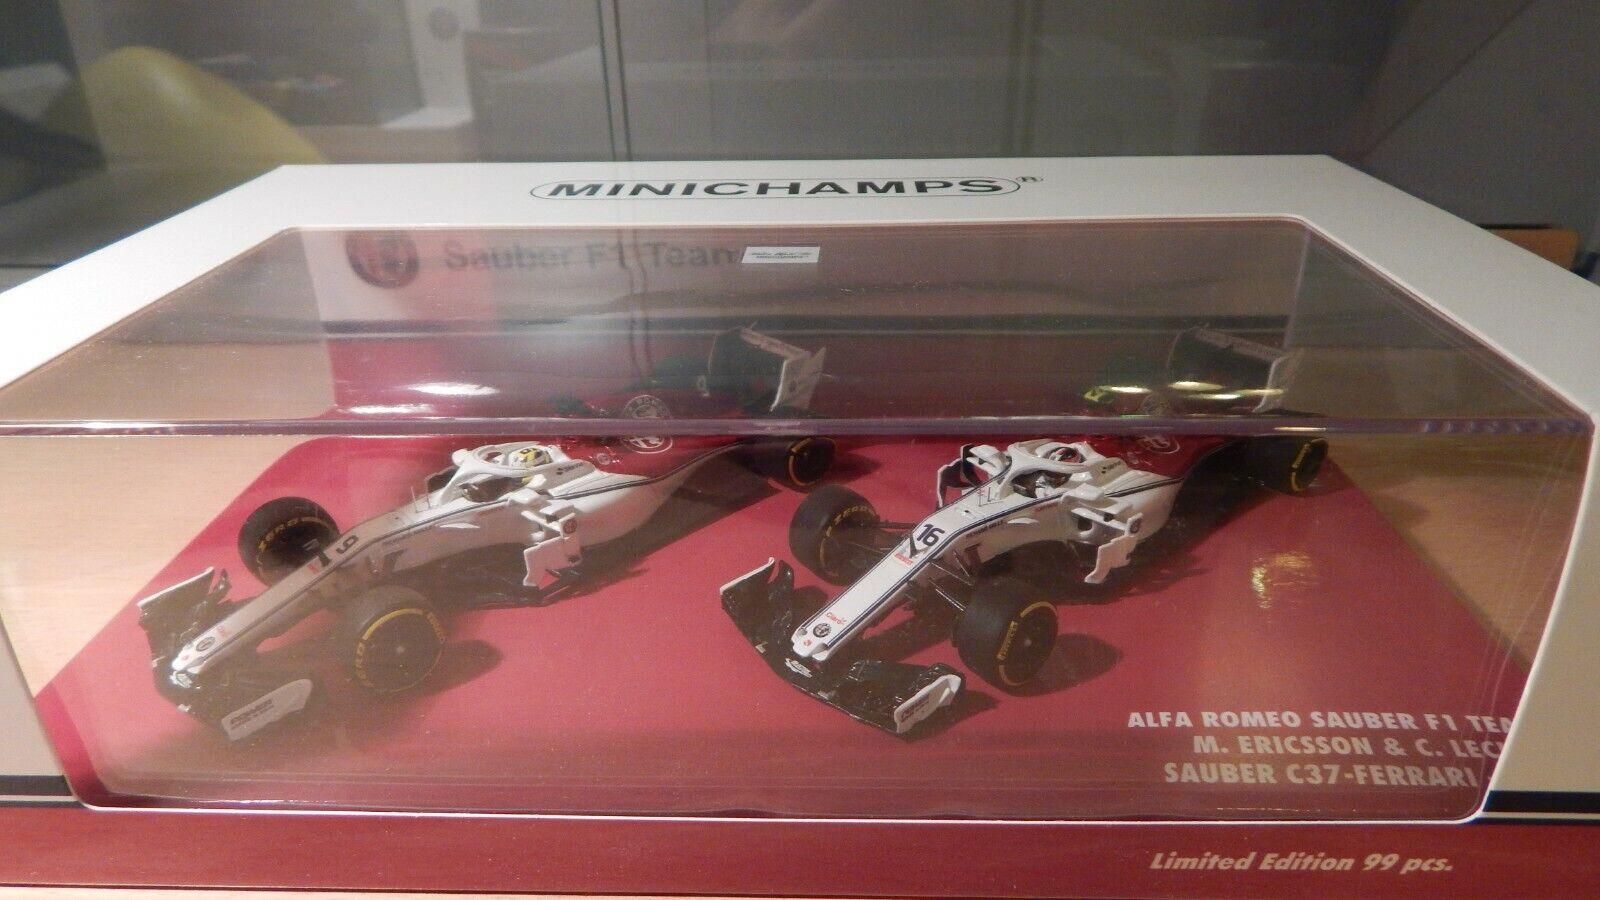 Sauber Ferrari Alfa Romeo C37 2018 Leclerc Ericsson 1 43 Minichamps 2 car set